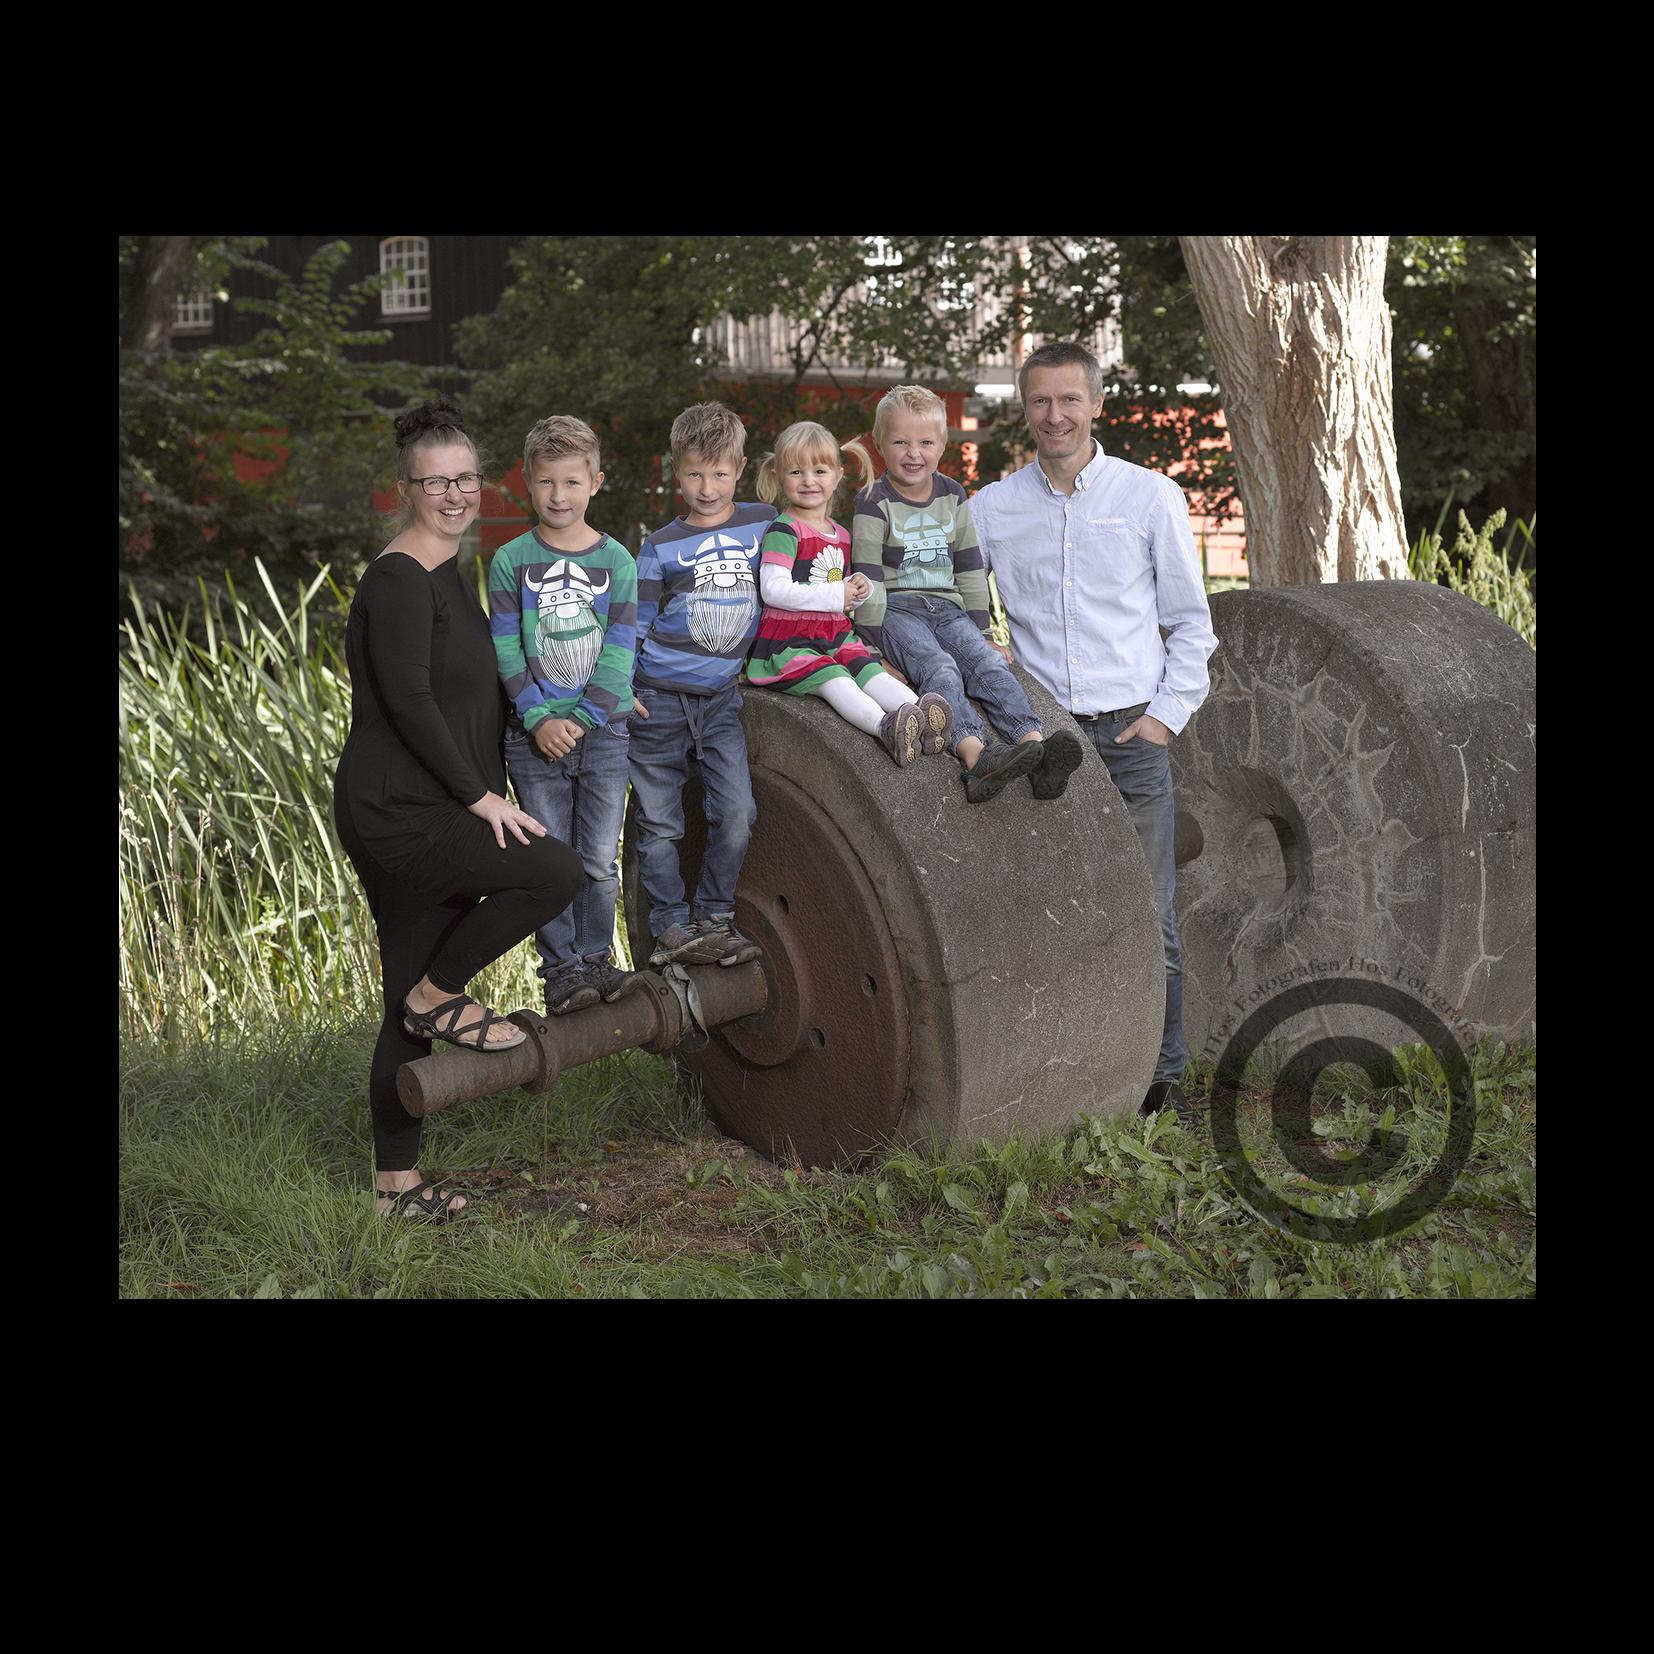 familiebillede-2-braedstrup